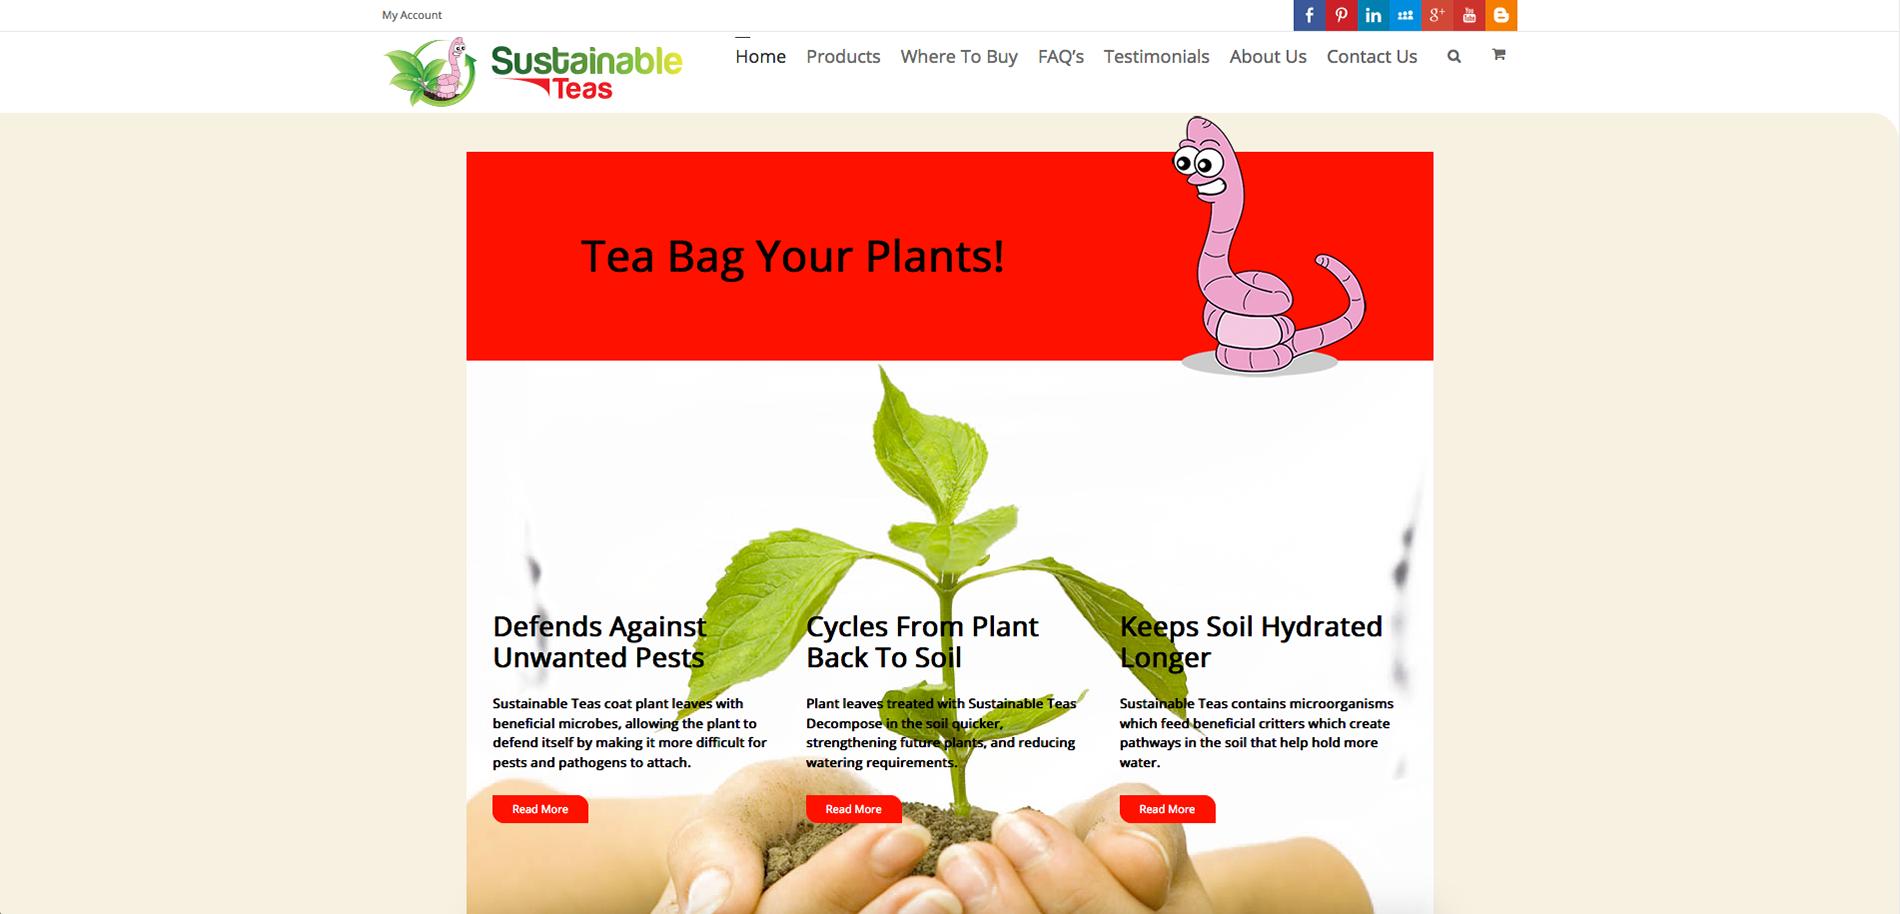 Sustainable Teas